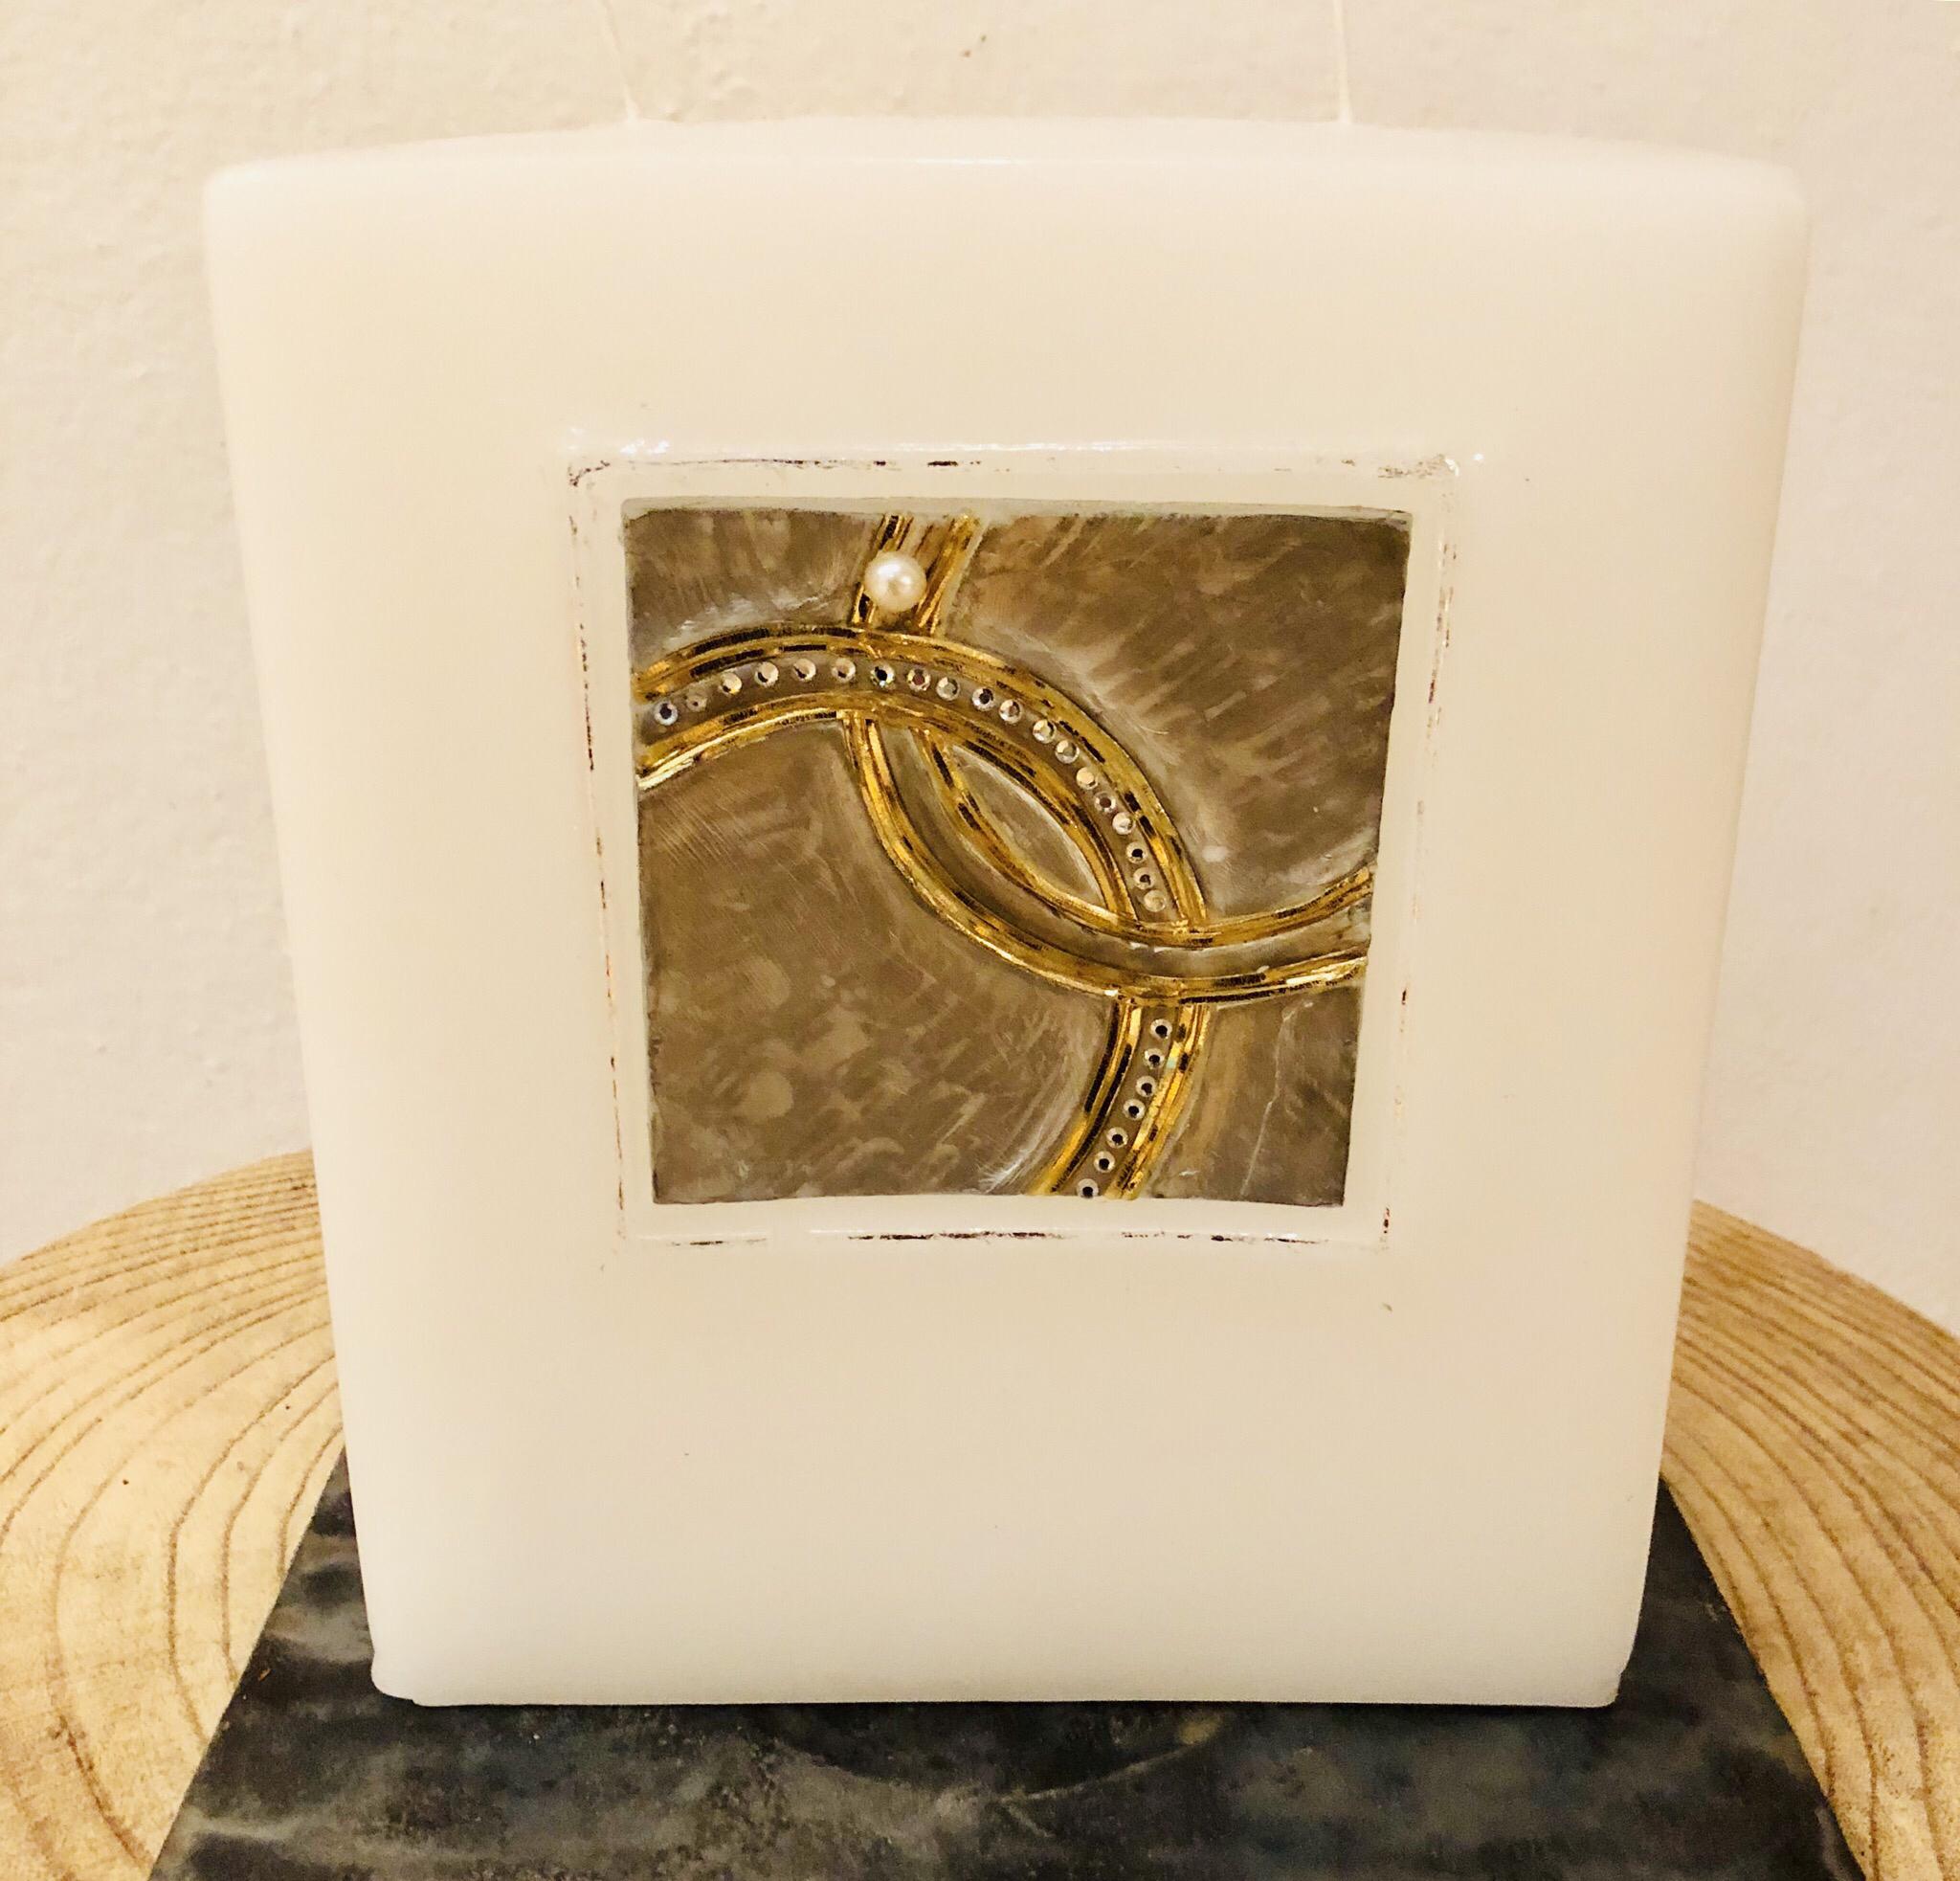 Kerze Hochzeit, Block weiß getaucht, quadratisch ausgehölt mit eingesetzter Wachsplatte - Hintergrund silber gemalt, Wachsstreifen gold und silber, mit Perle und Swarovskikristallen - gravierfähig 25038